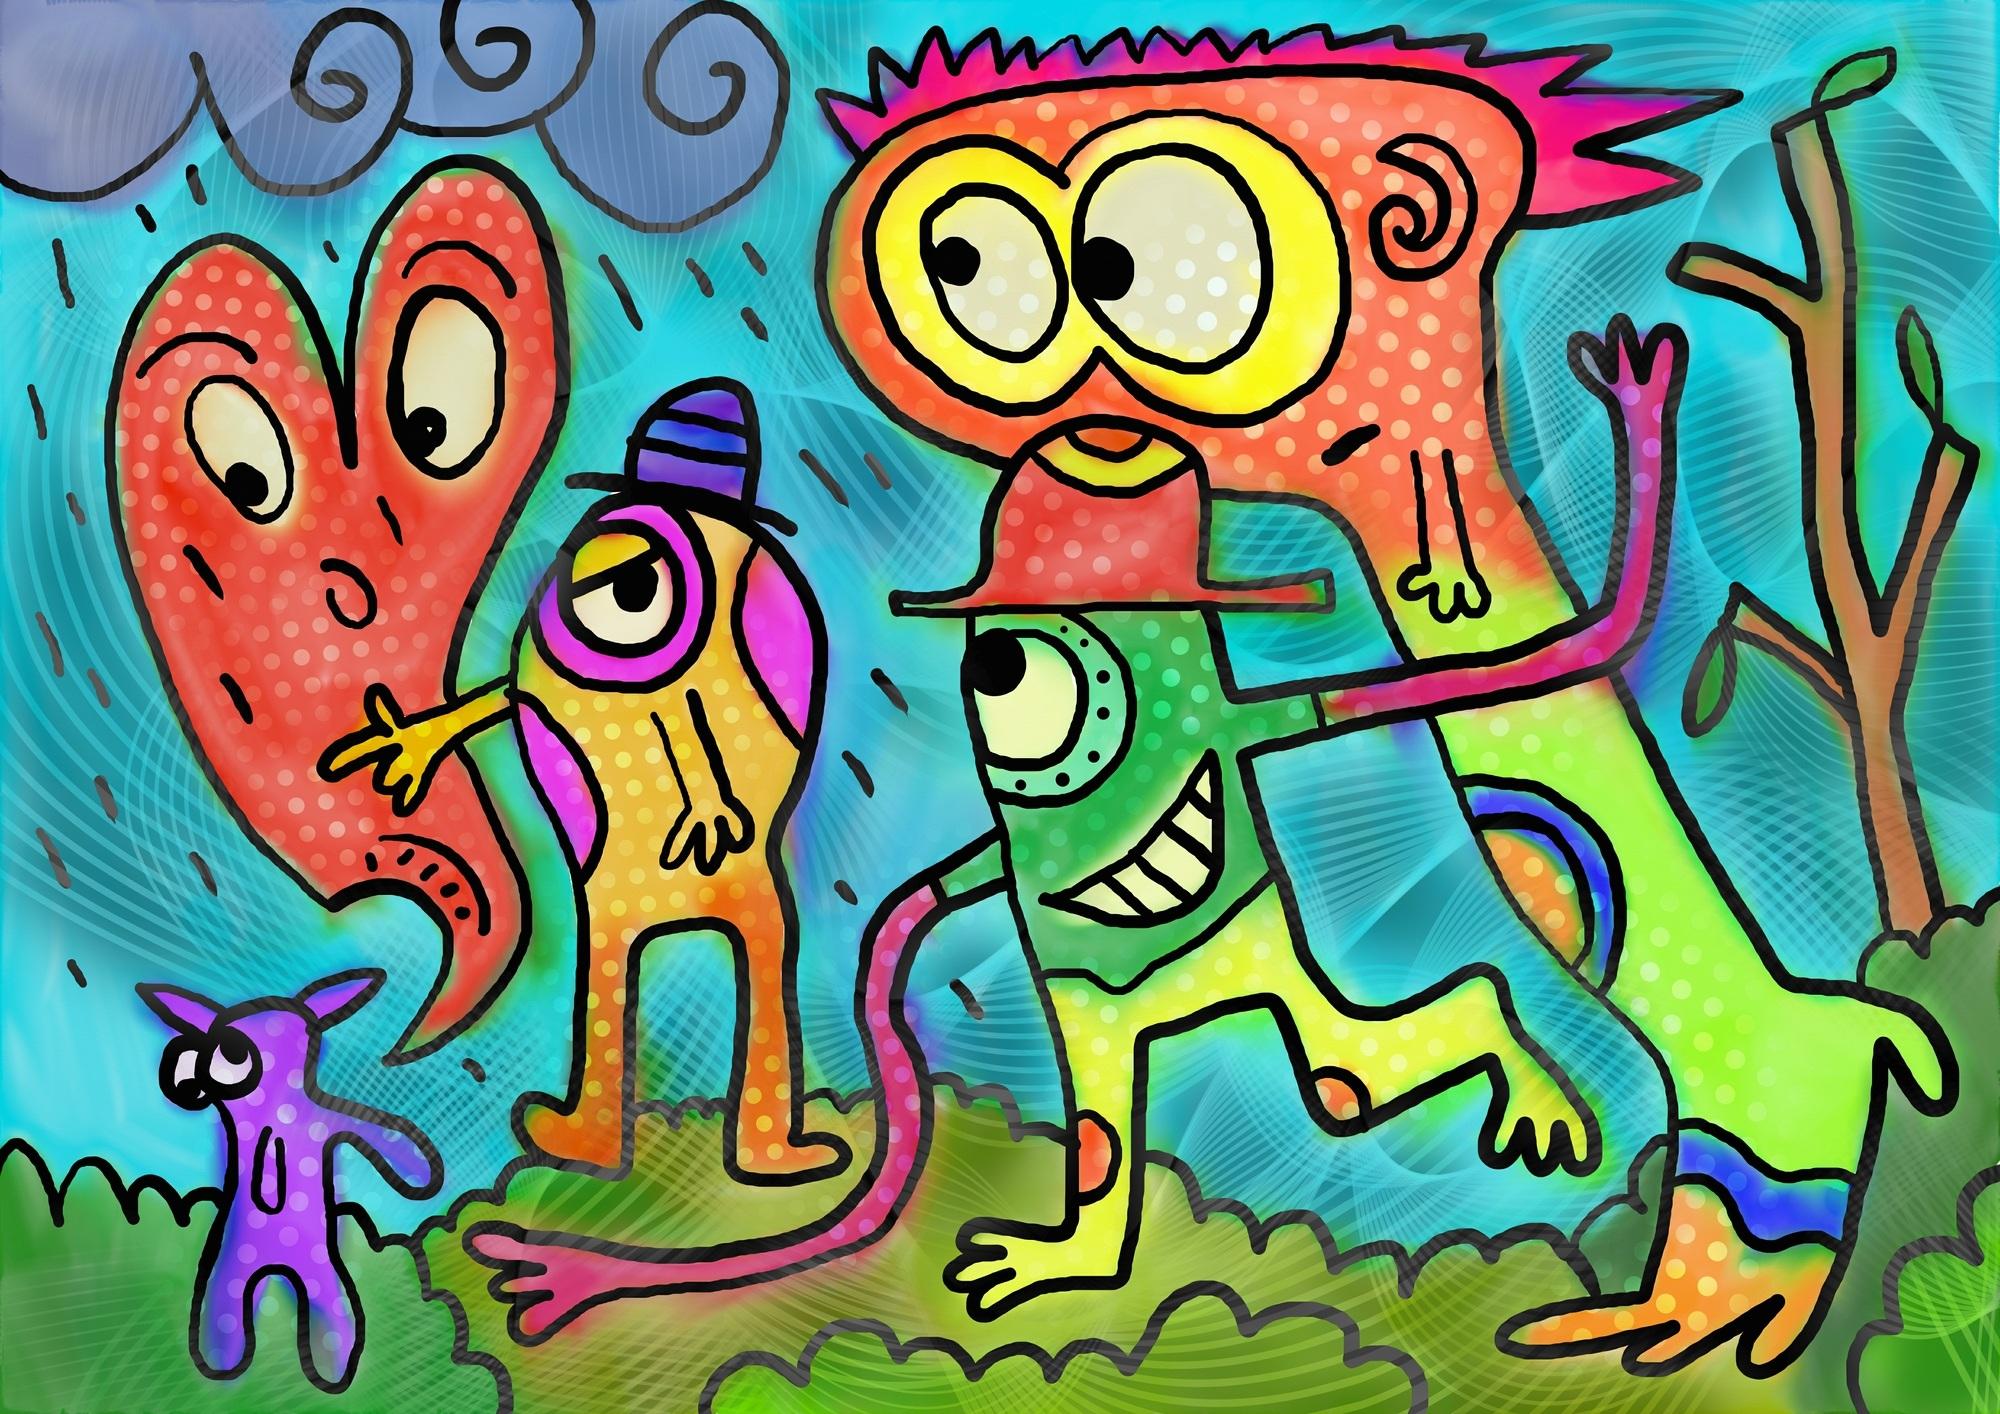 Malerei, Zeichnung, Puppen, Freaks, Aquarell - Wallpaper HD - Prof.-falken.com